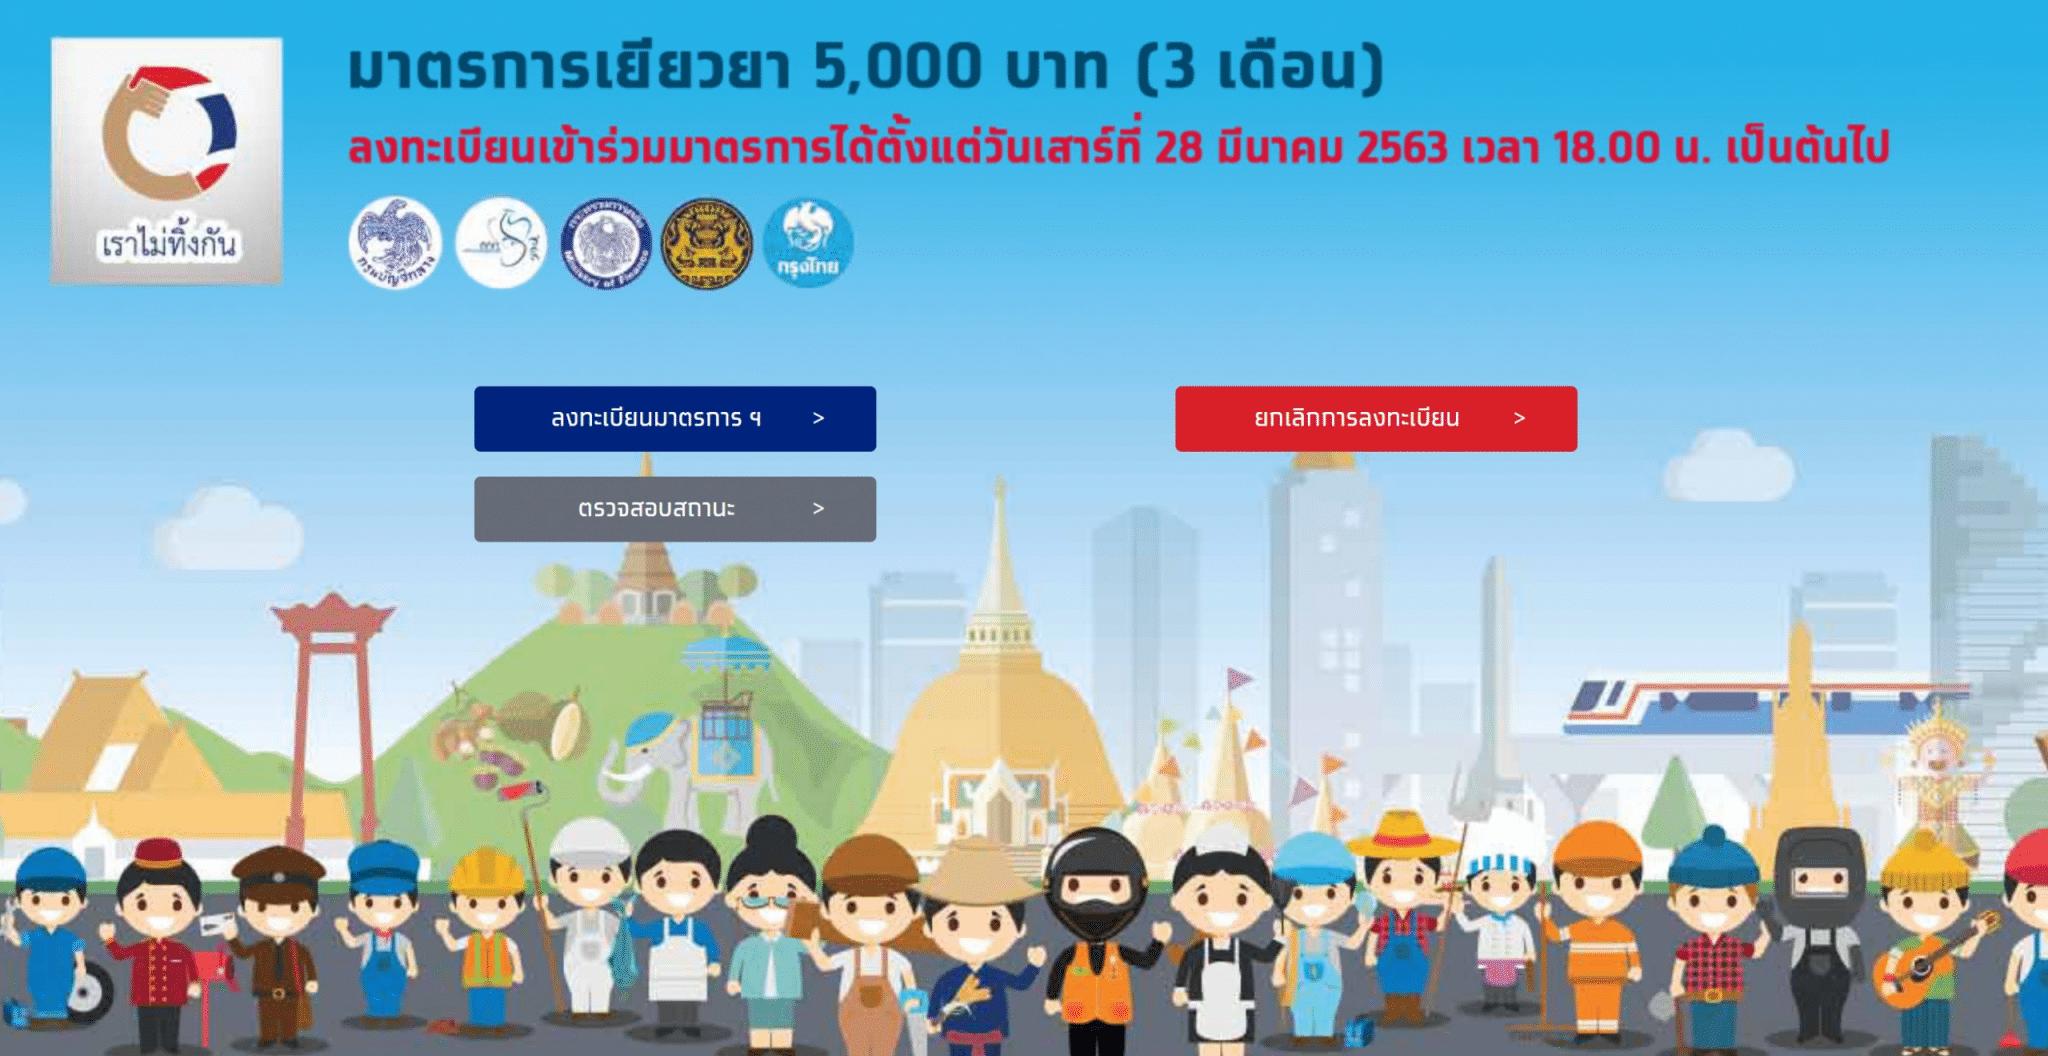 ตรวจสอบสถานะรับเงินเยียวยา 5000 บาท (3 เดือน) บนเว็บไซต์ เราไม่ทิ้งกัน com  ได้แล้ว - ครูอาชีพดอทอคม